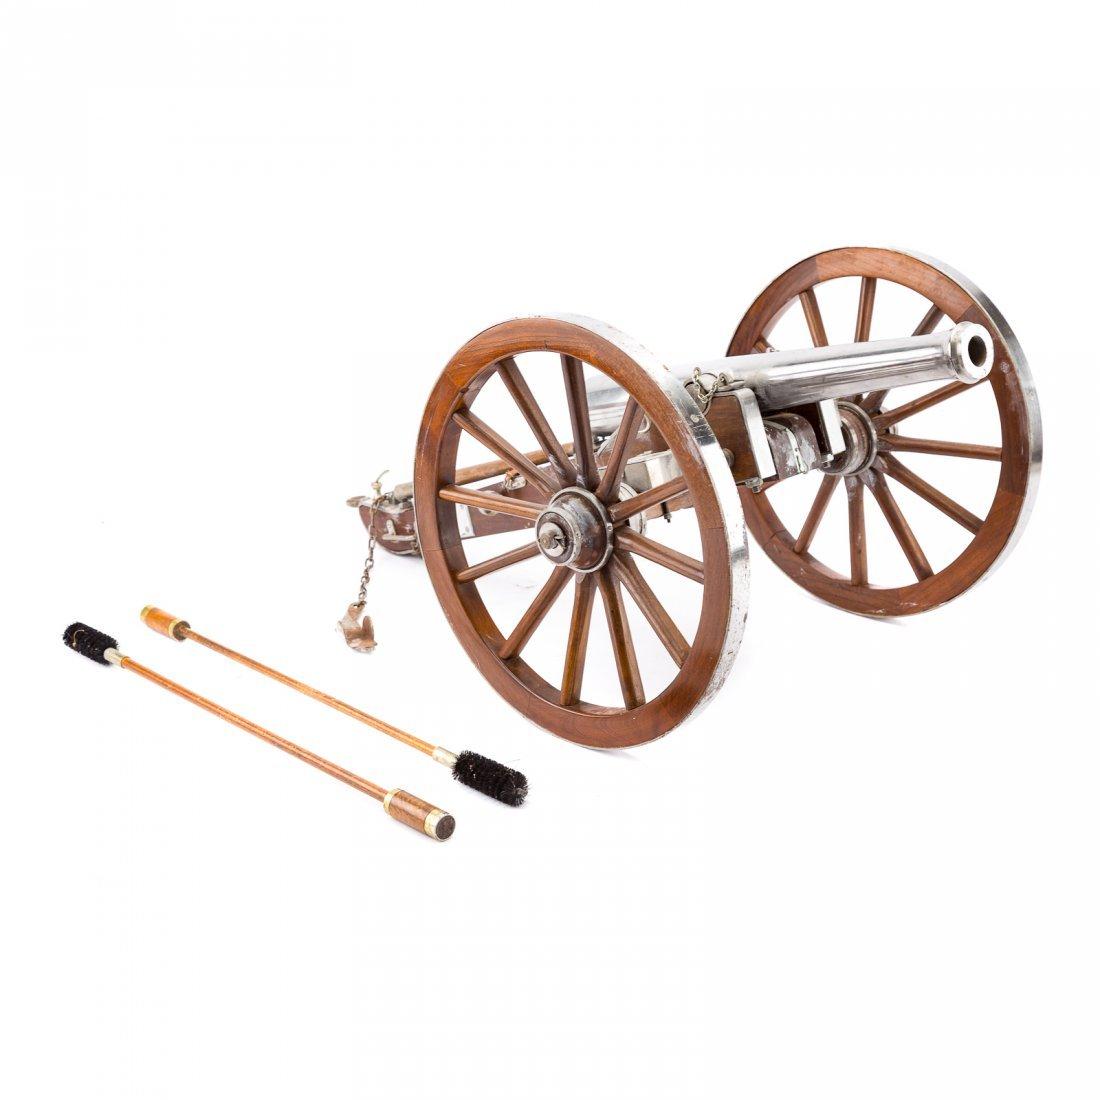 Miniature working replica of Dahlgren cannon - 2